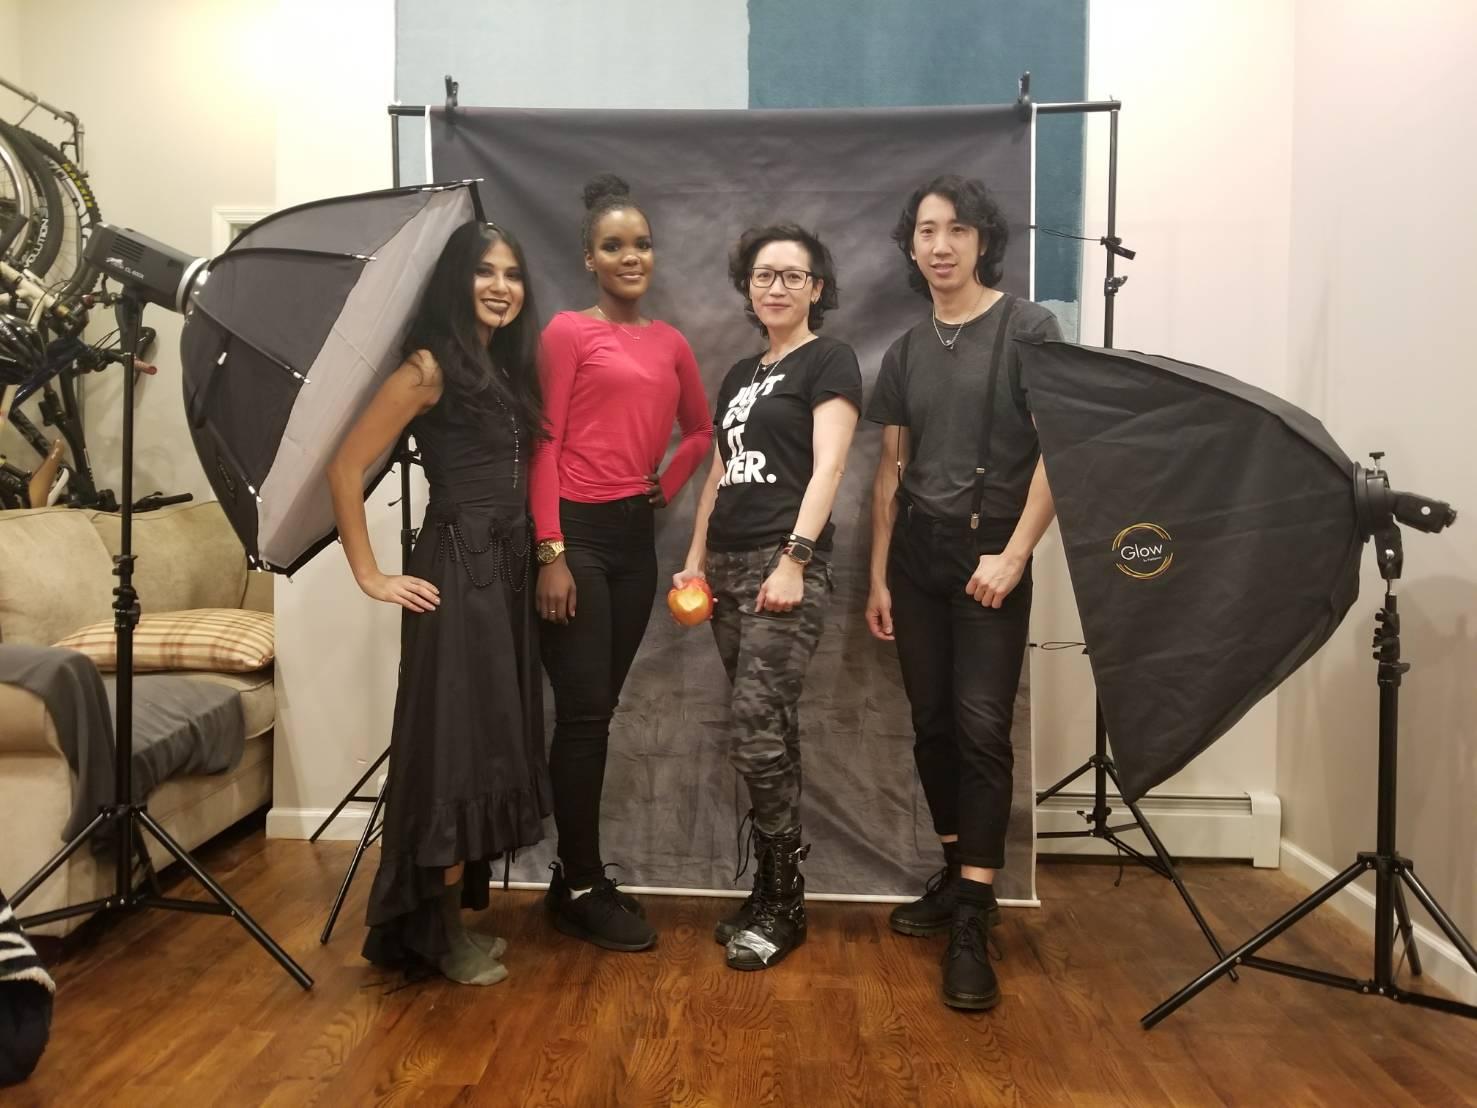 Photo Shoot Team (L-R): Elizabeth Tam, Alani Rasheed, Nephi Lim, Jon Chao